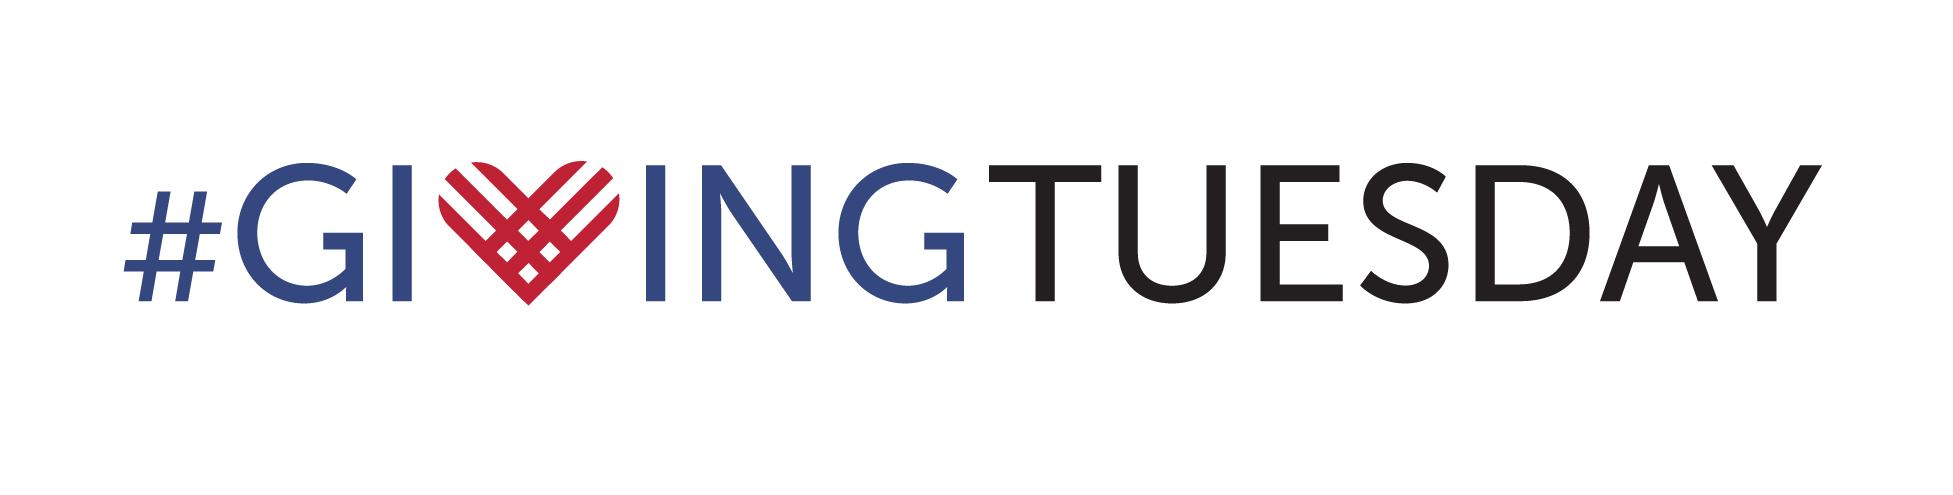 giving_tuesday_logo